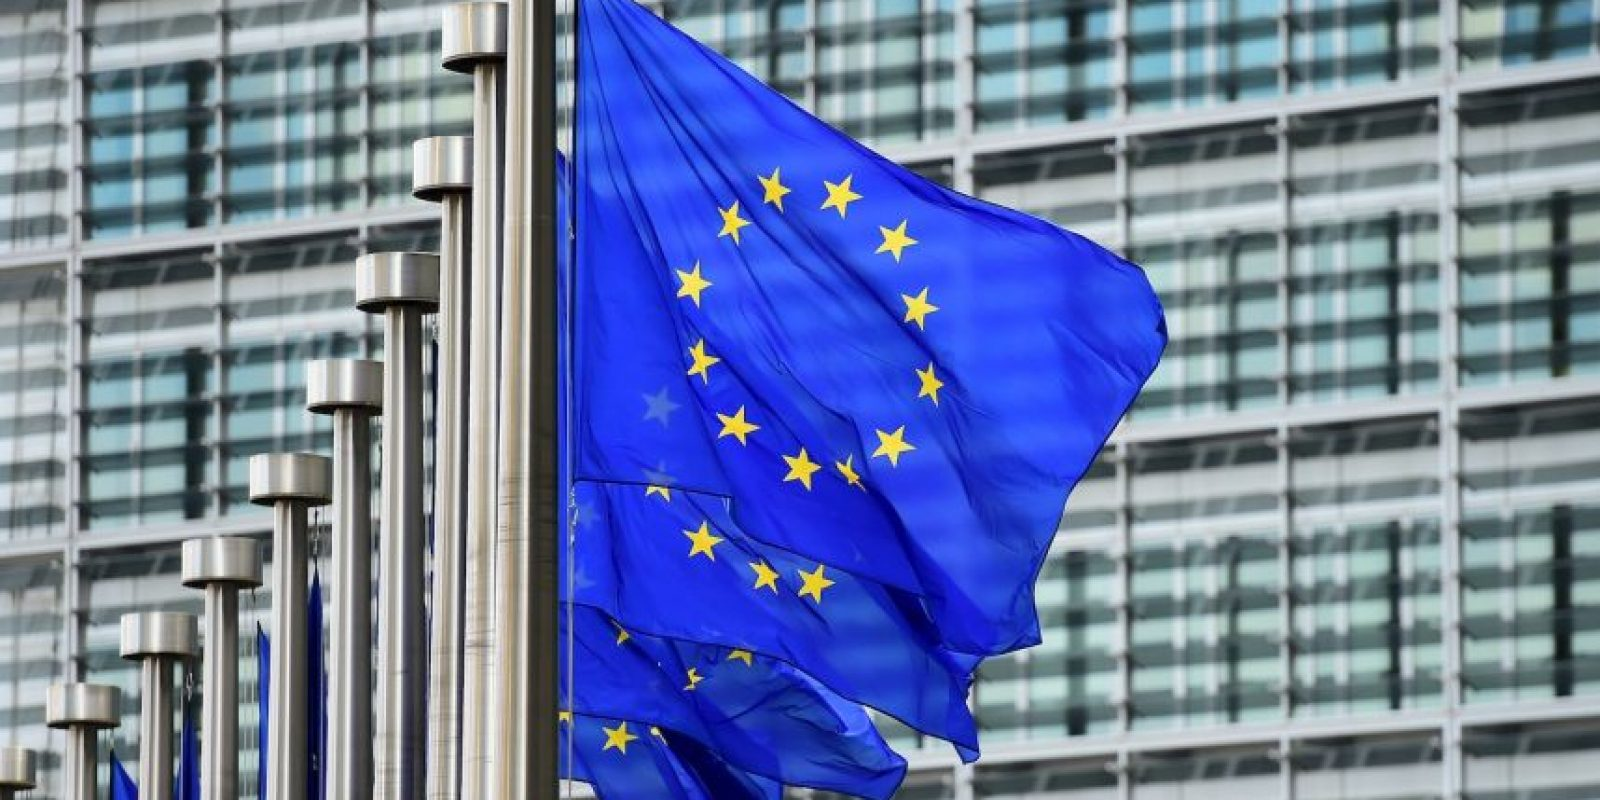 Cameron podría presentar su lista de demandas a Bruselas dentro de un mes para forzar un acuerdo rápido y someterlo a votación lo antes posible. Foto:AFP